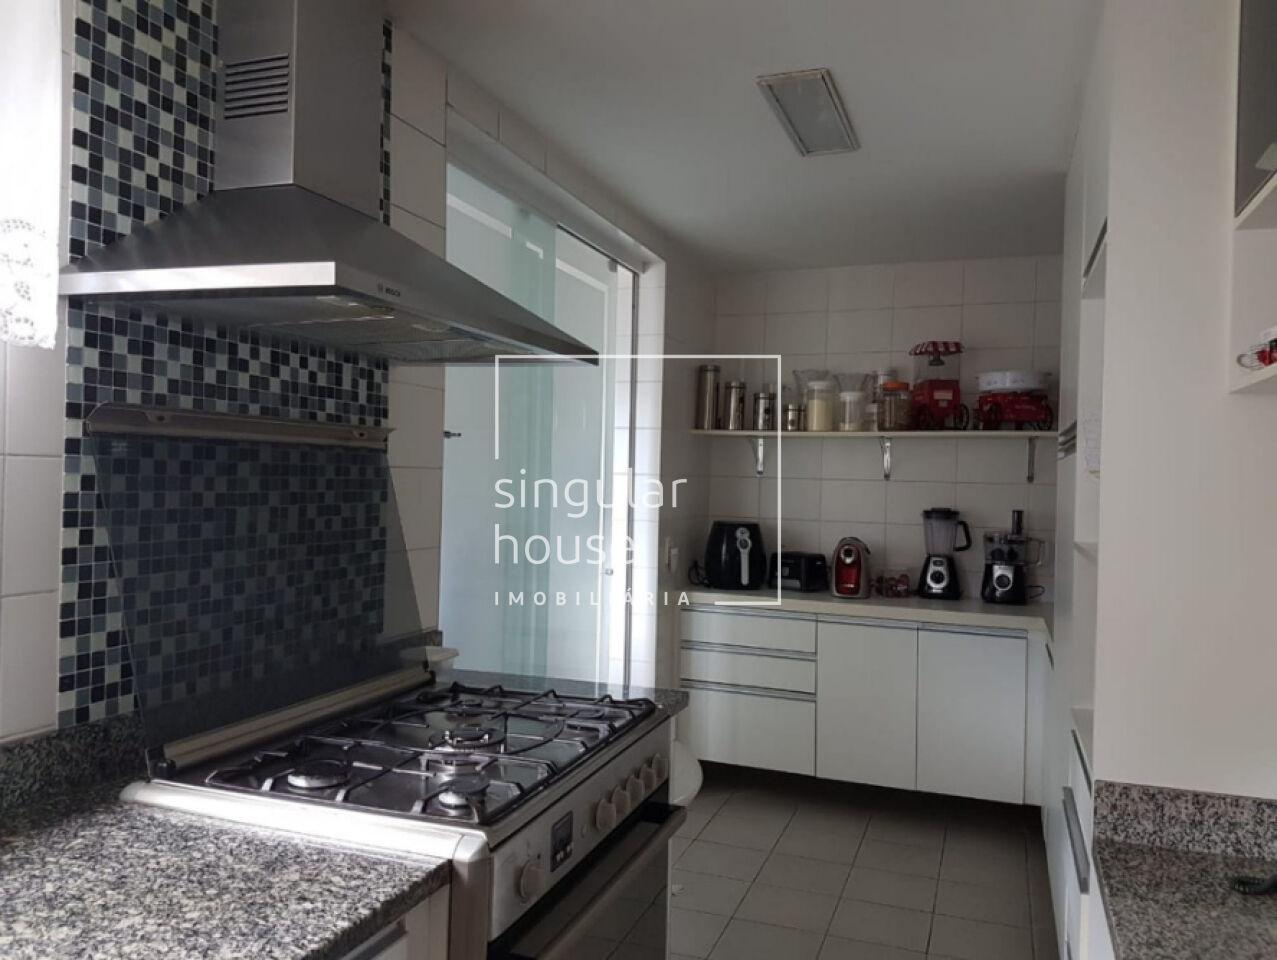 CAMPO BELO 151 m² | 3 SUÍTES | 3 VGS GARAGEM | ANDAR ALTO